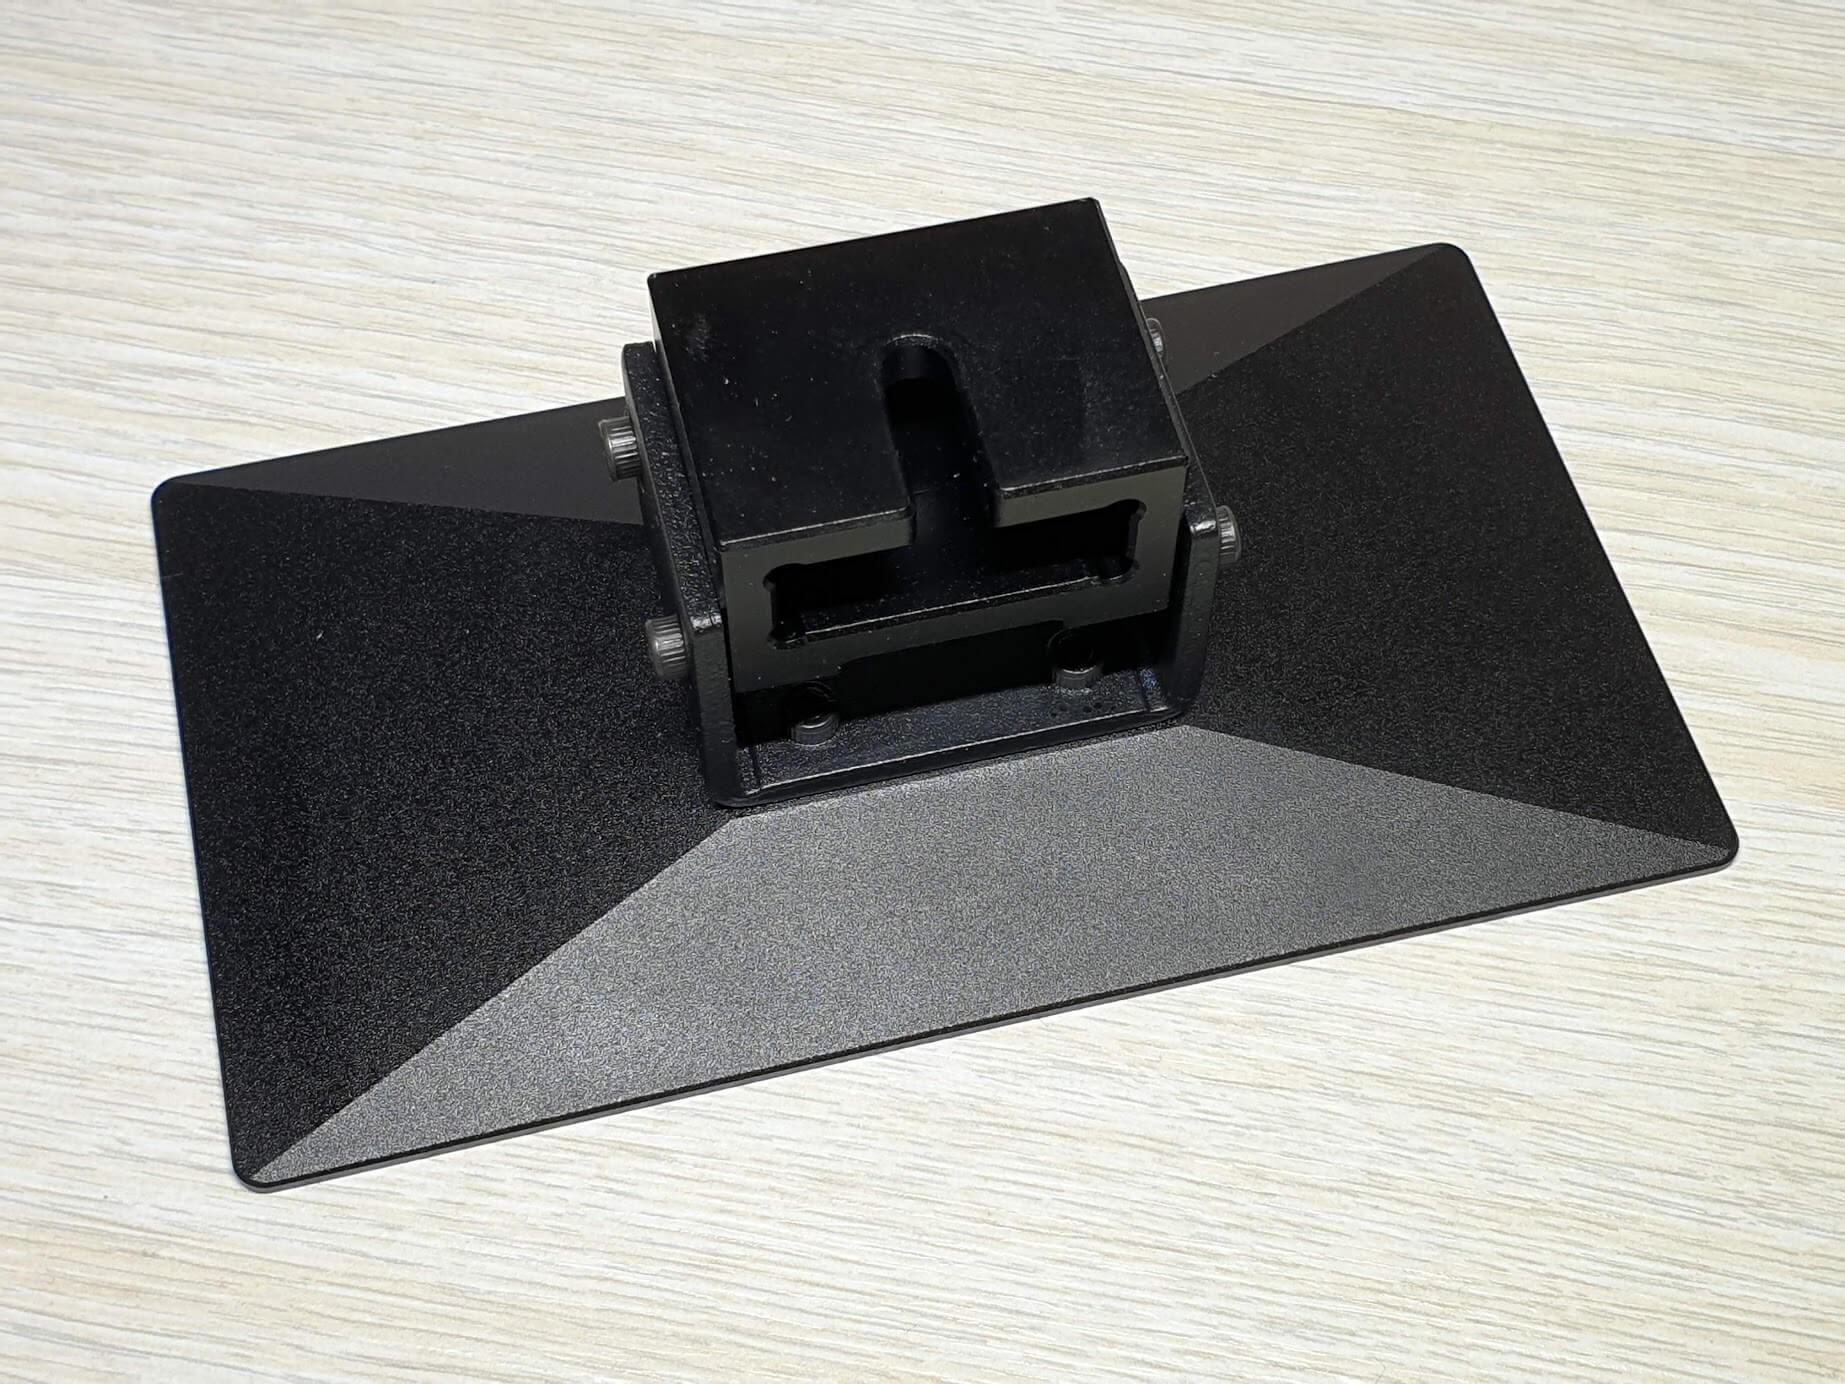 Creality-LD-002R-Build-Plate-2